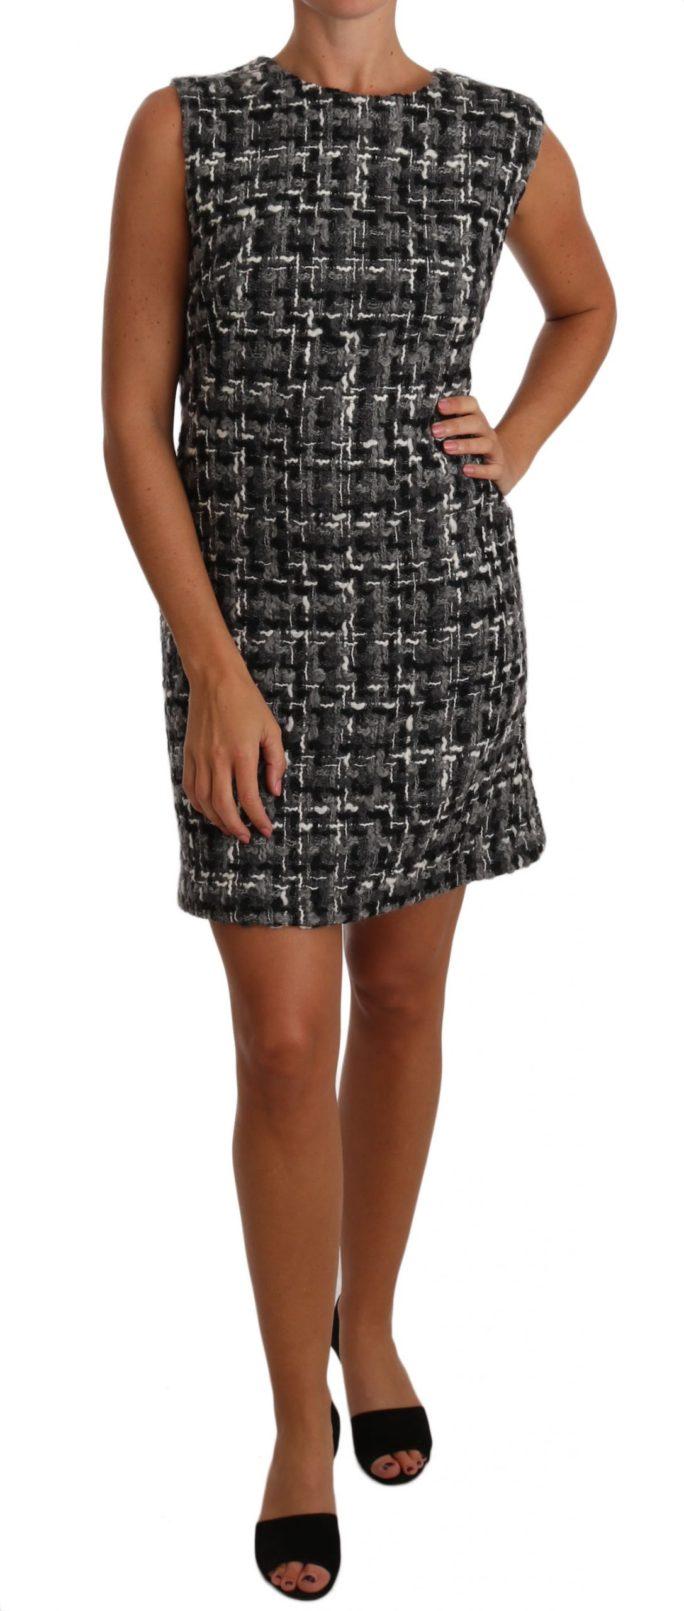 635264 Gray Mini Shift Checkered Check Dress.jpg